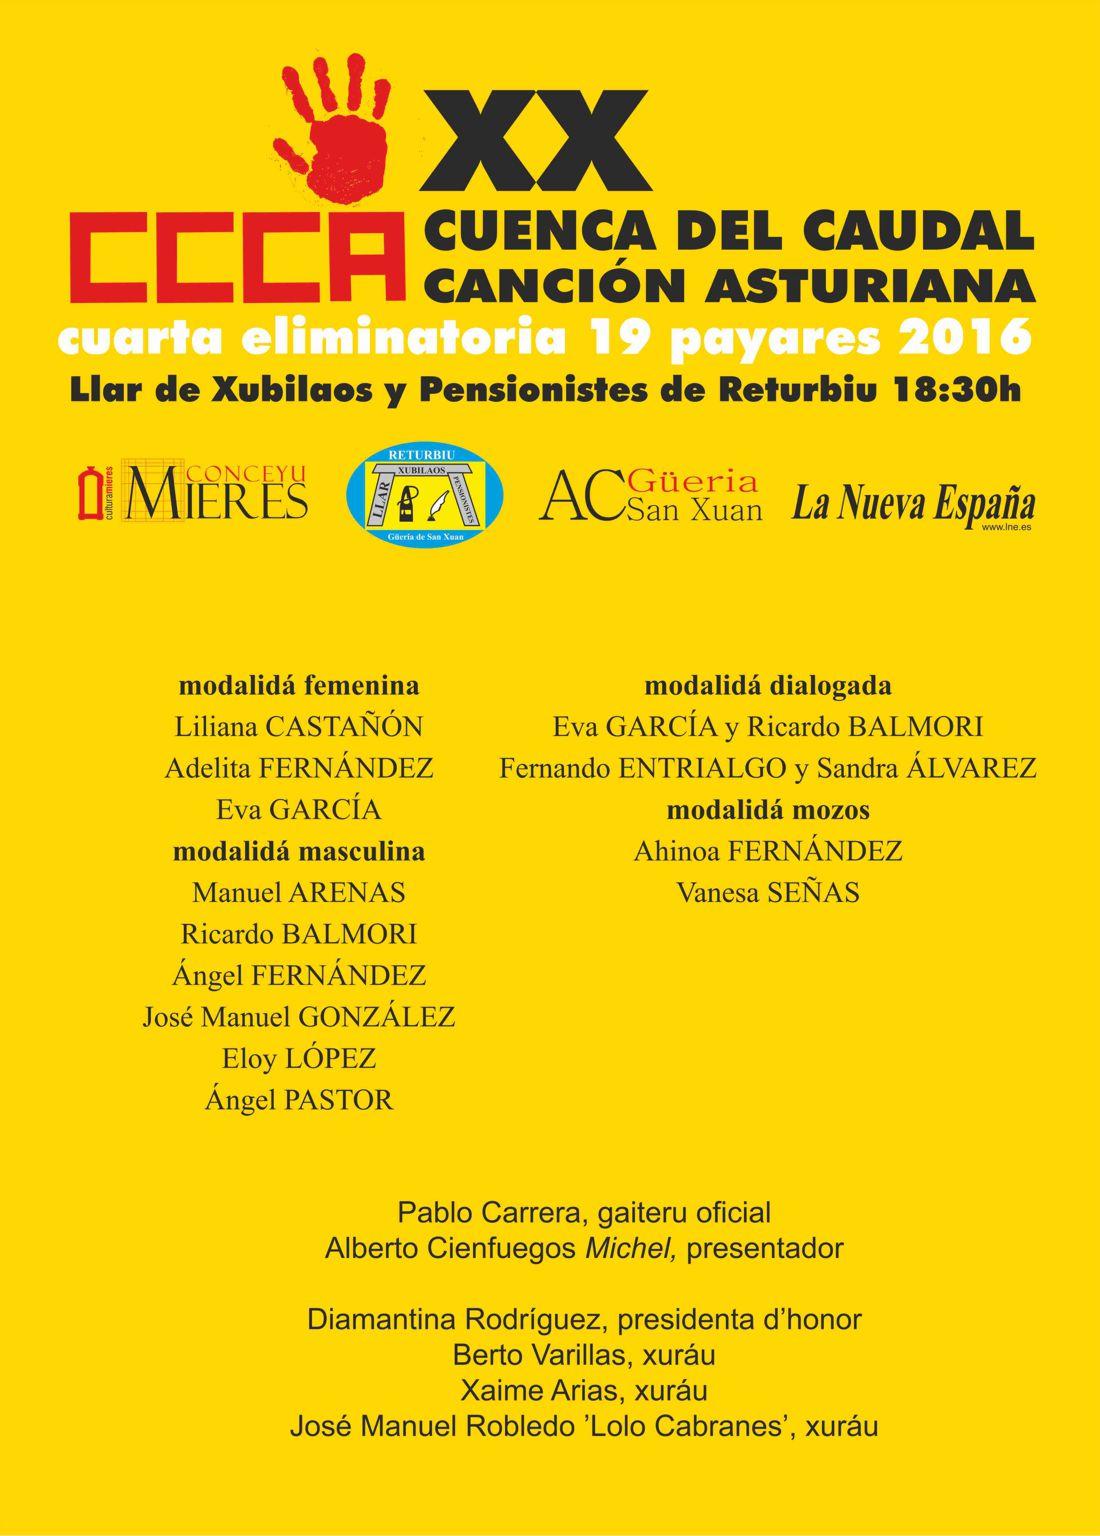 XX Concursu Cuenca del Caudal-Cuarta eliminatoria